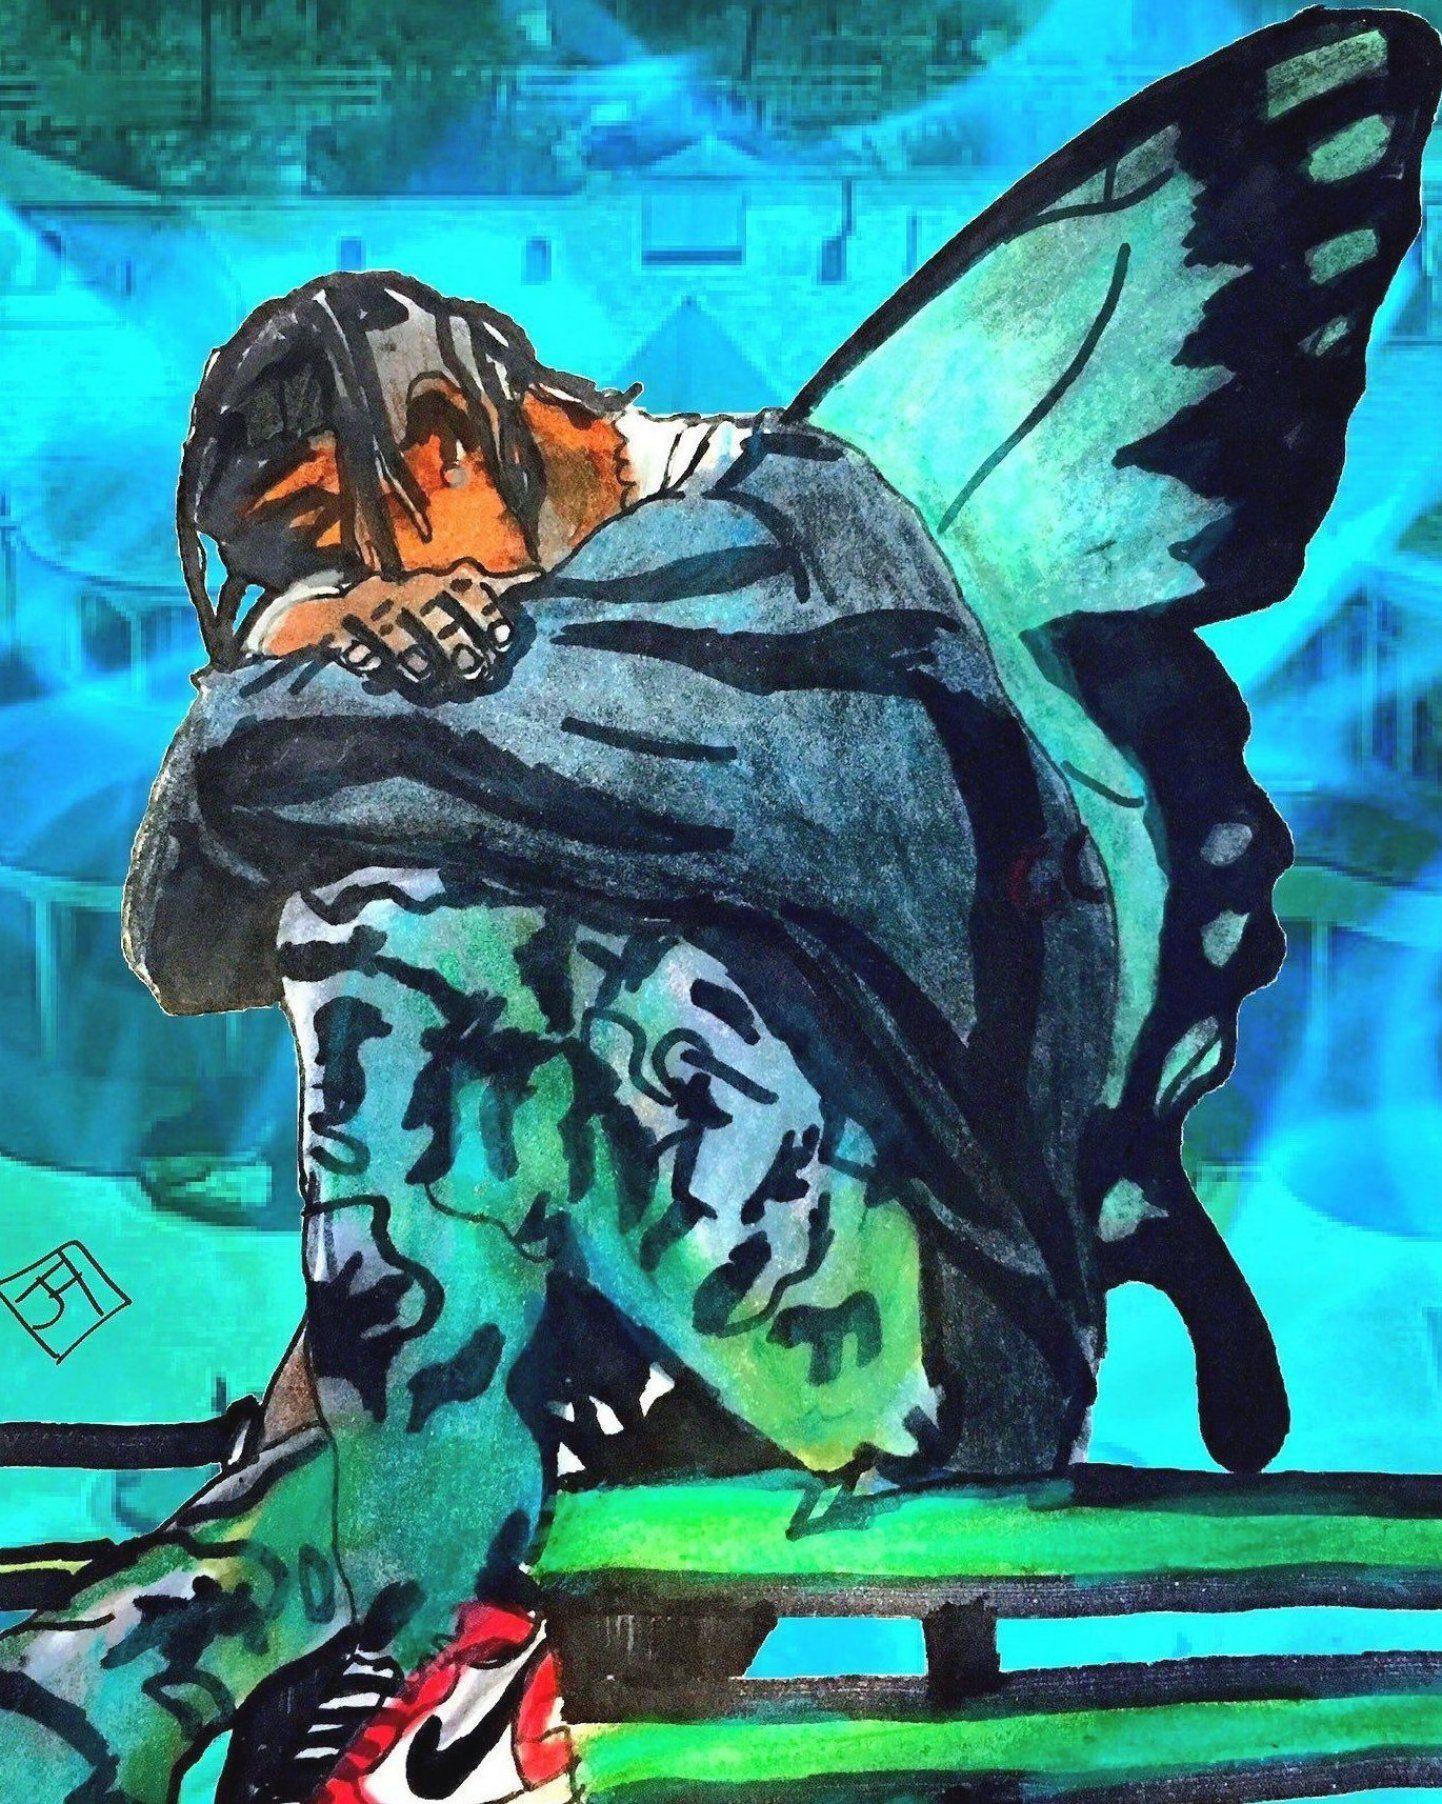 Pin By Ellie On My Pins In 2020 Travis Scott Wallpapers Travis Scott Art Rapper Art